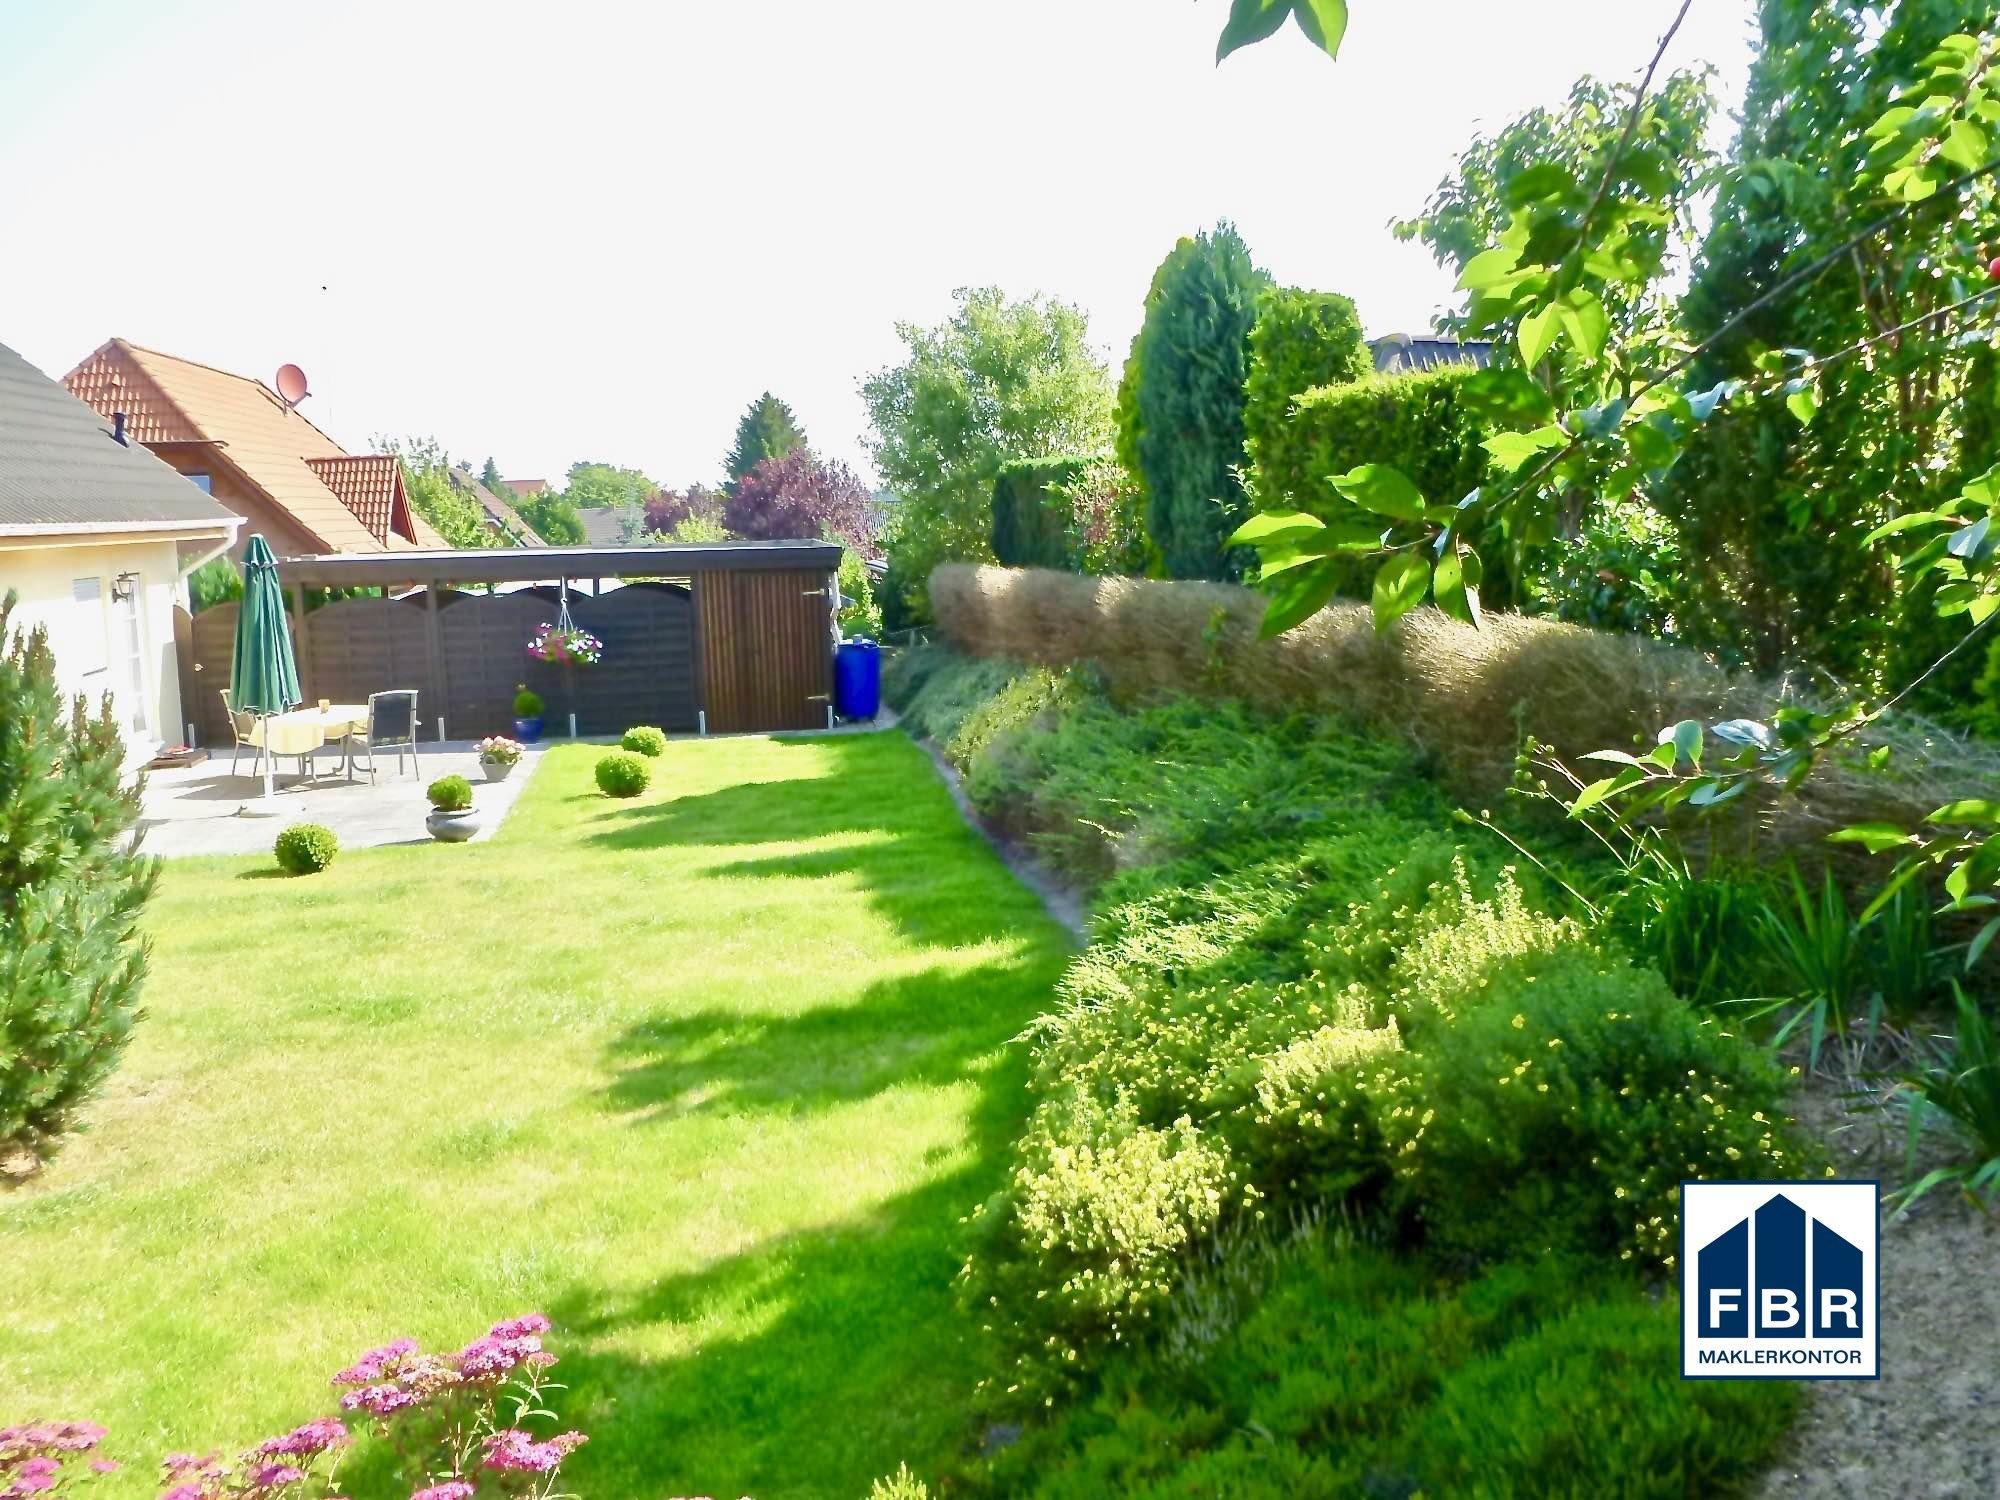 Gartengestaltung und gepflegte Grünanlage